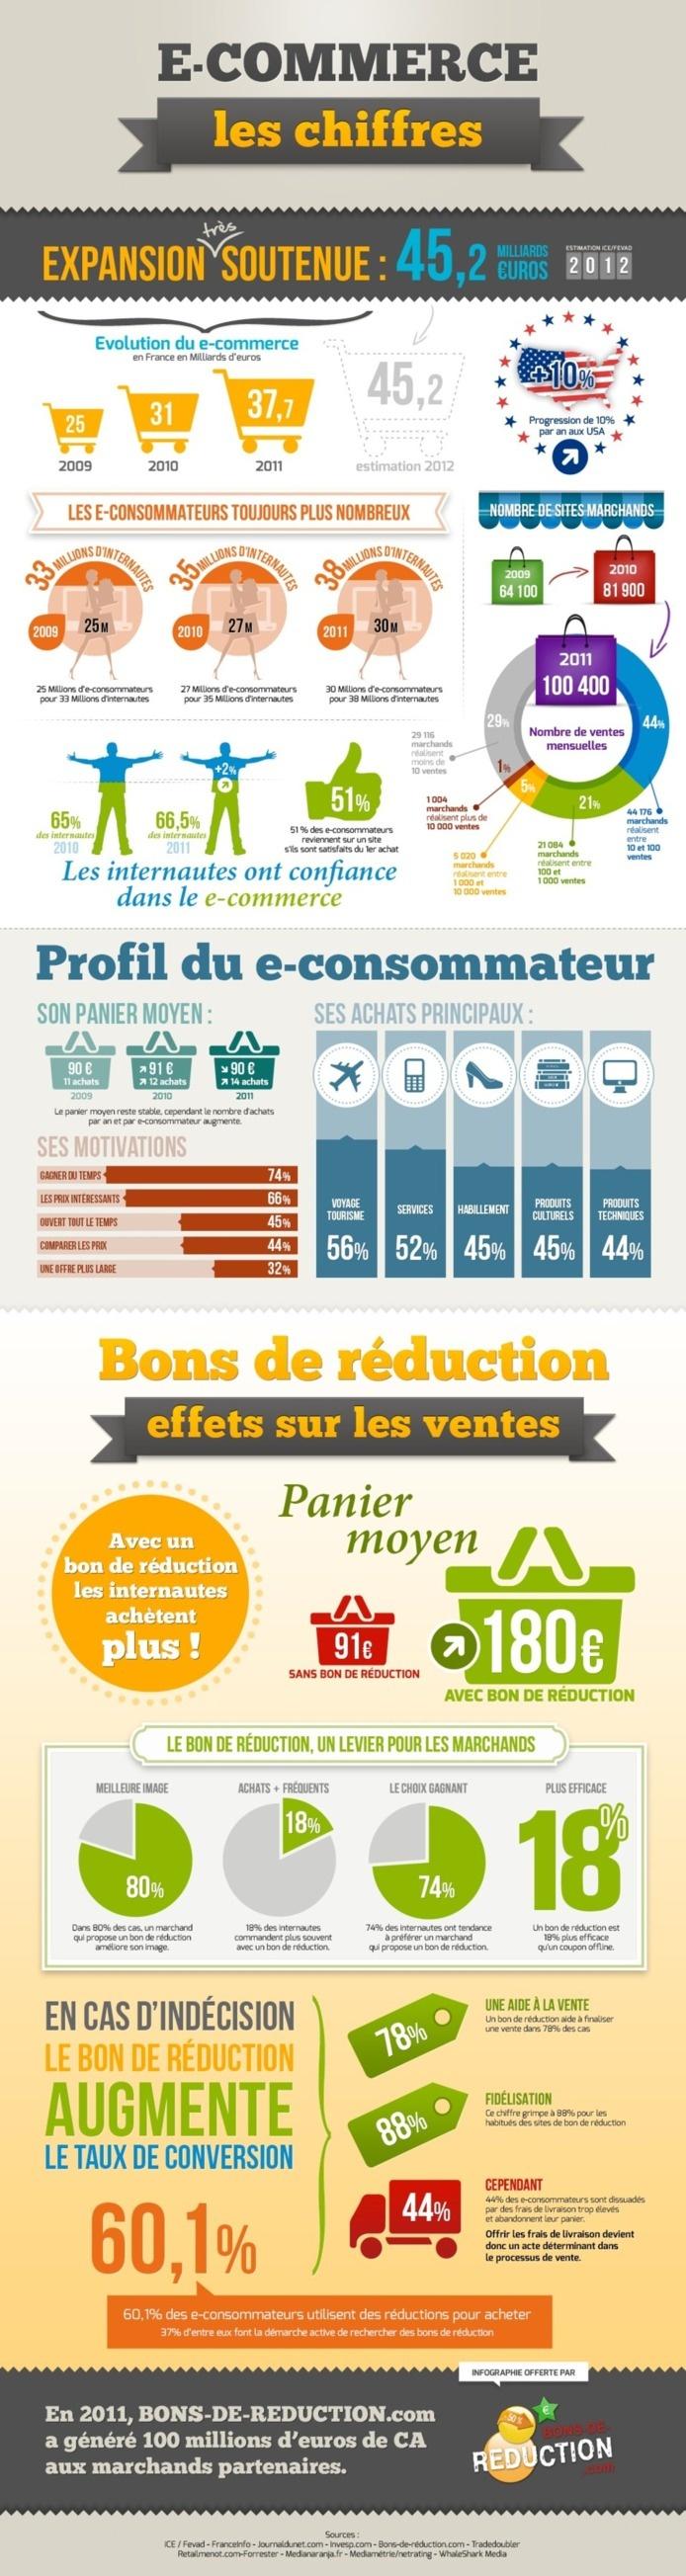 Le e-commerce et les bons de réductions en France